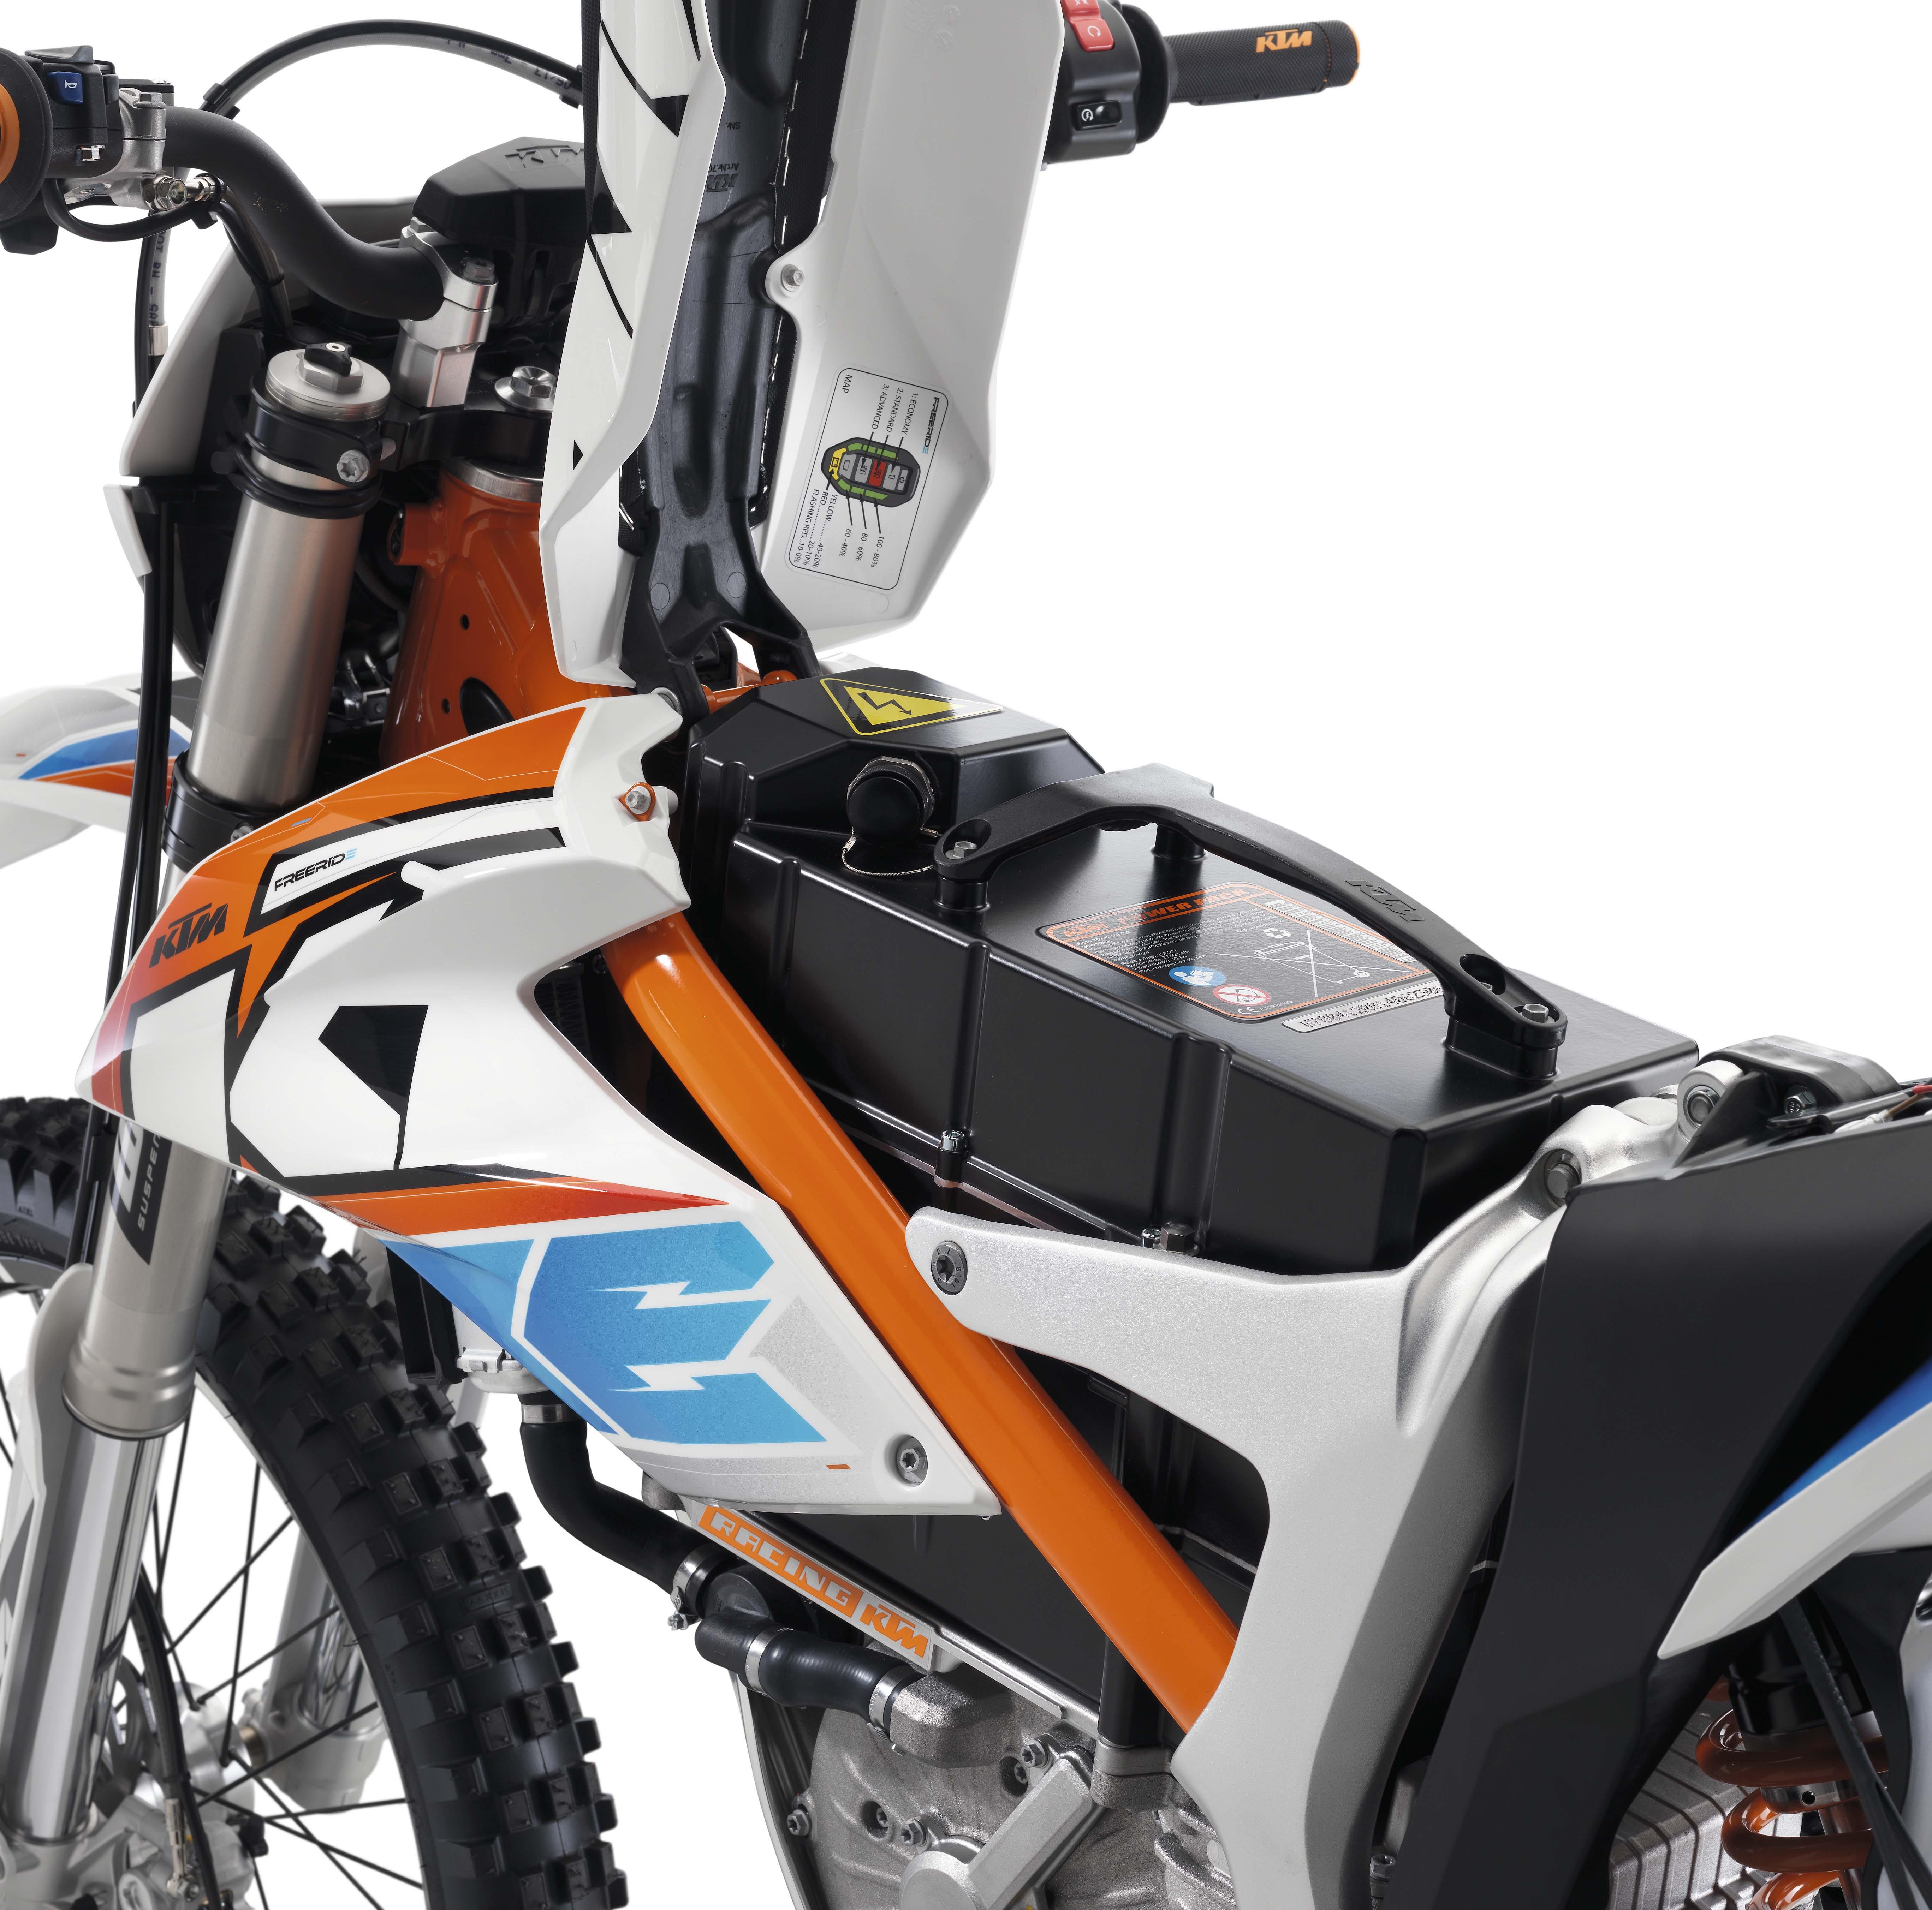 Ktm Freeride E Sm >> 2015 KTM Freeride E-SM - A Proper Electric Supermoto - Asphalt & Rubber